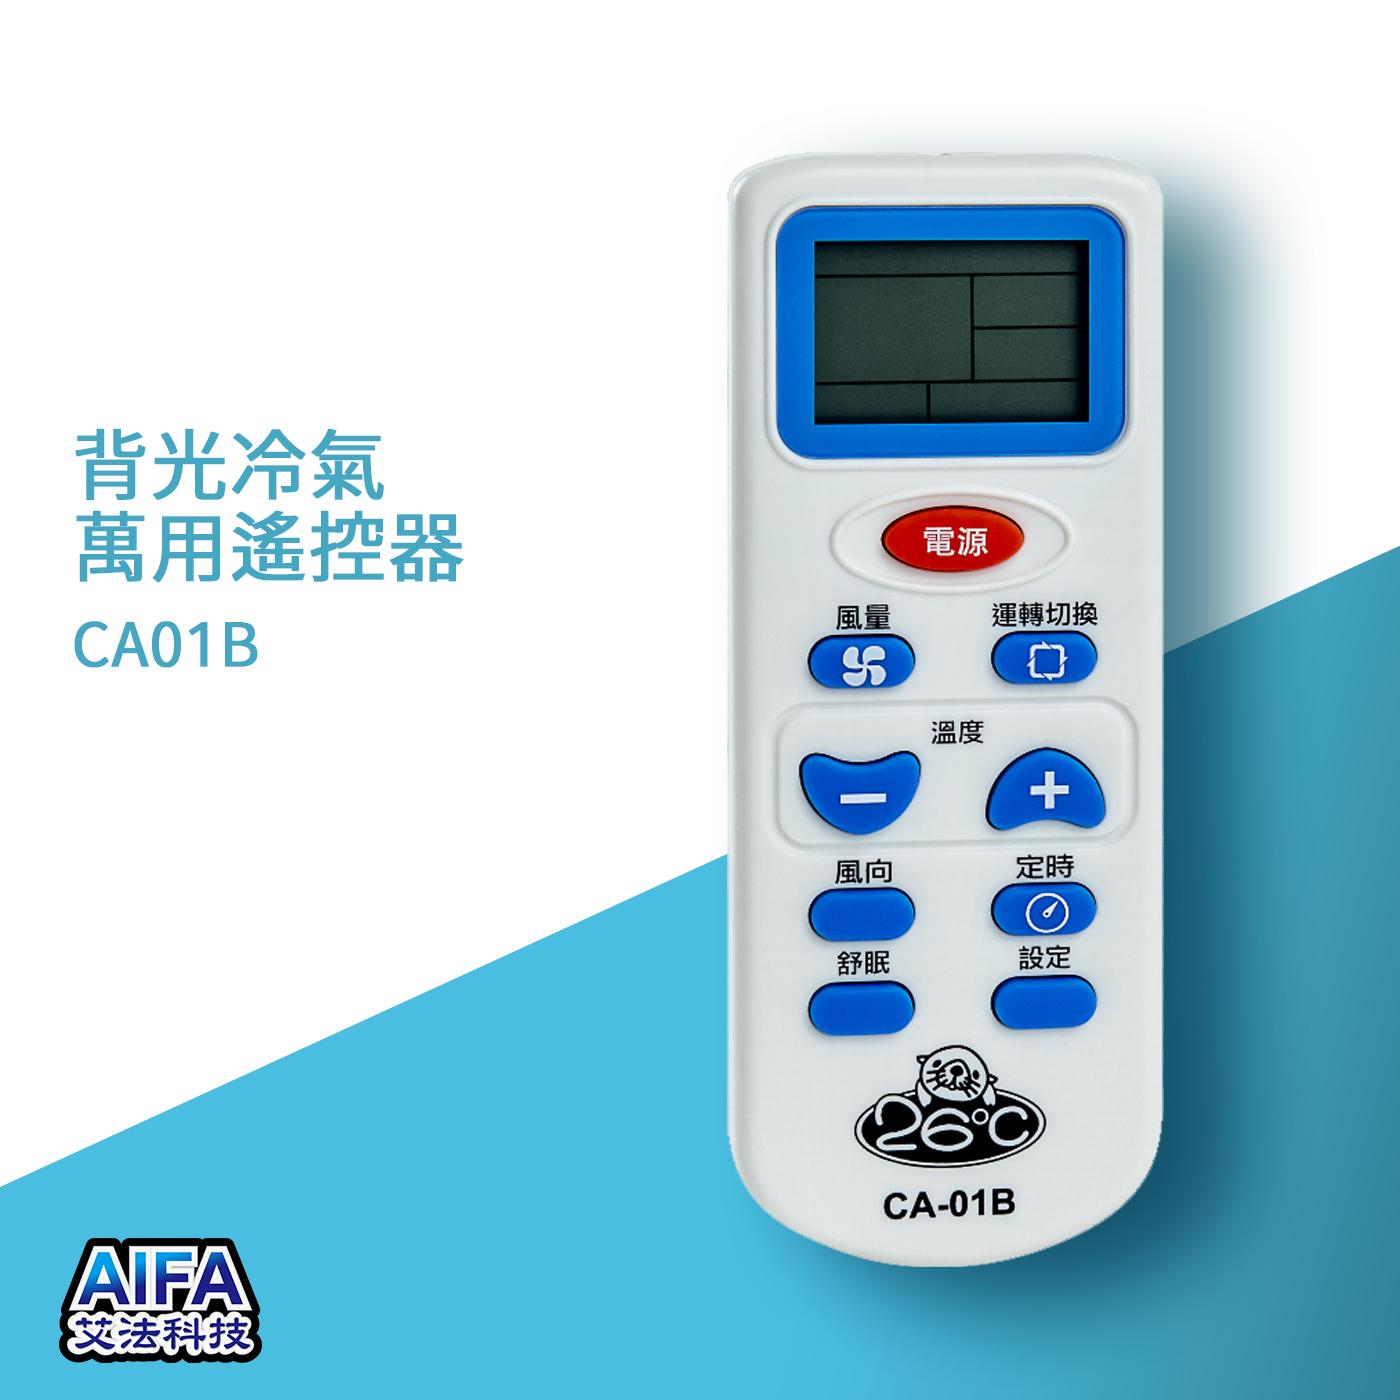 冷氣萬用遙控器AIFA-CA-01B艾法科技